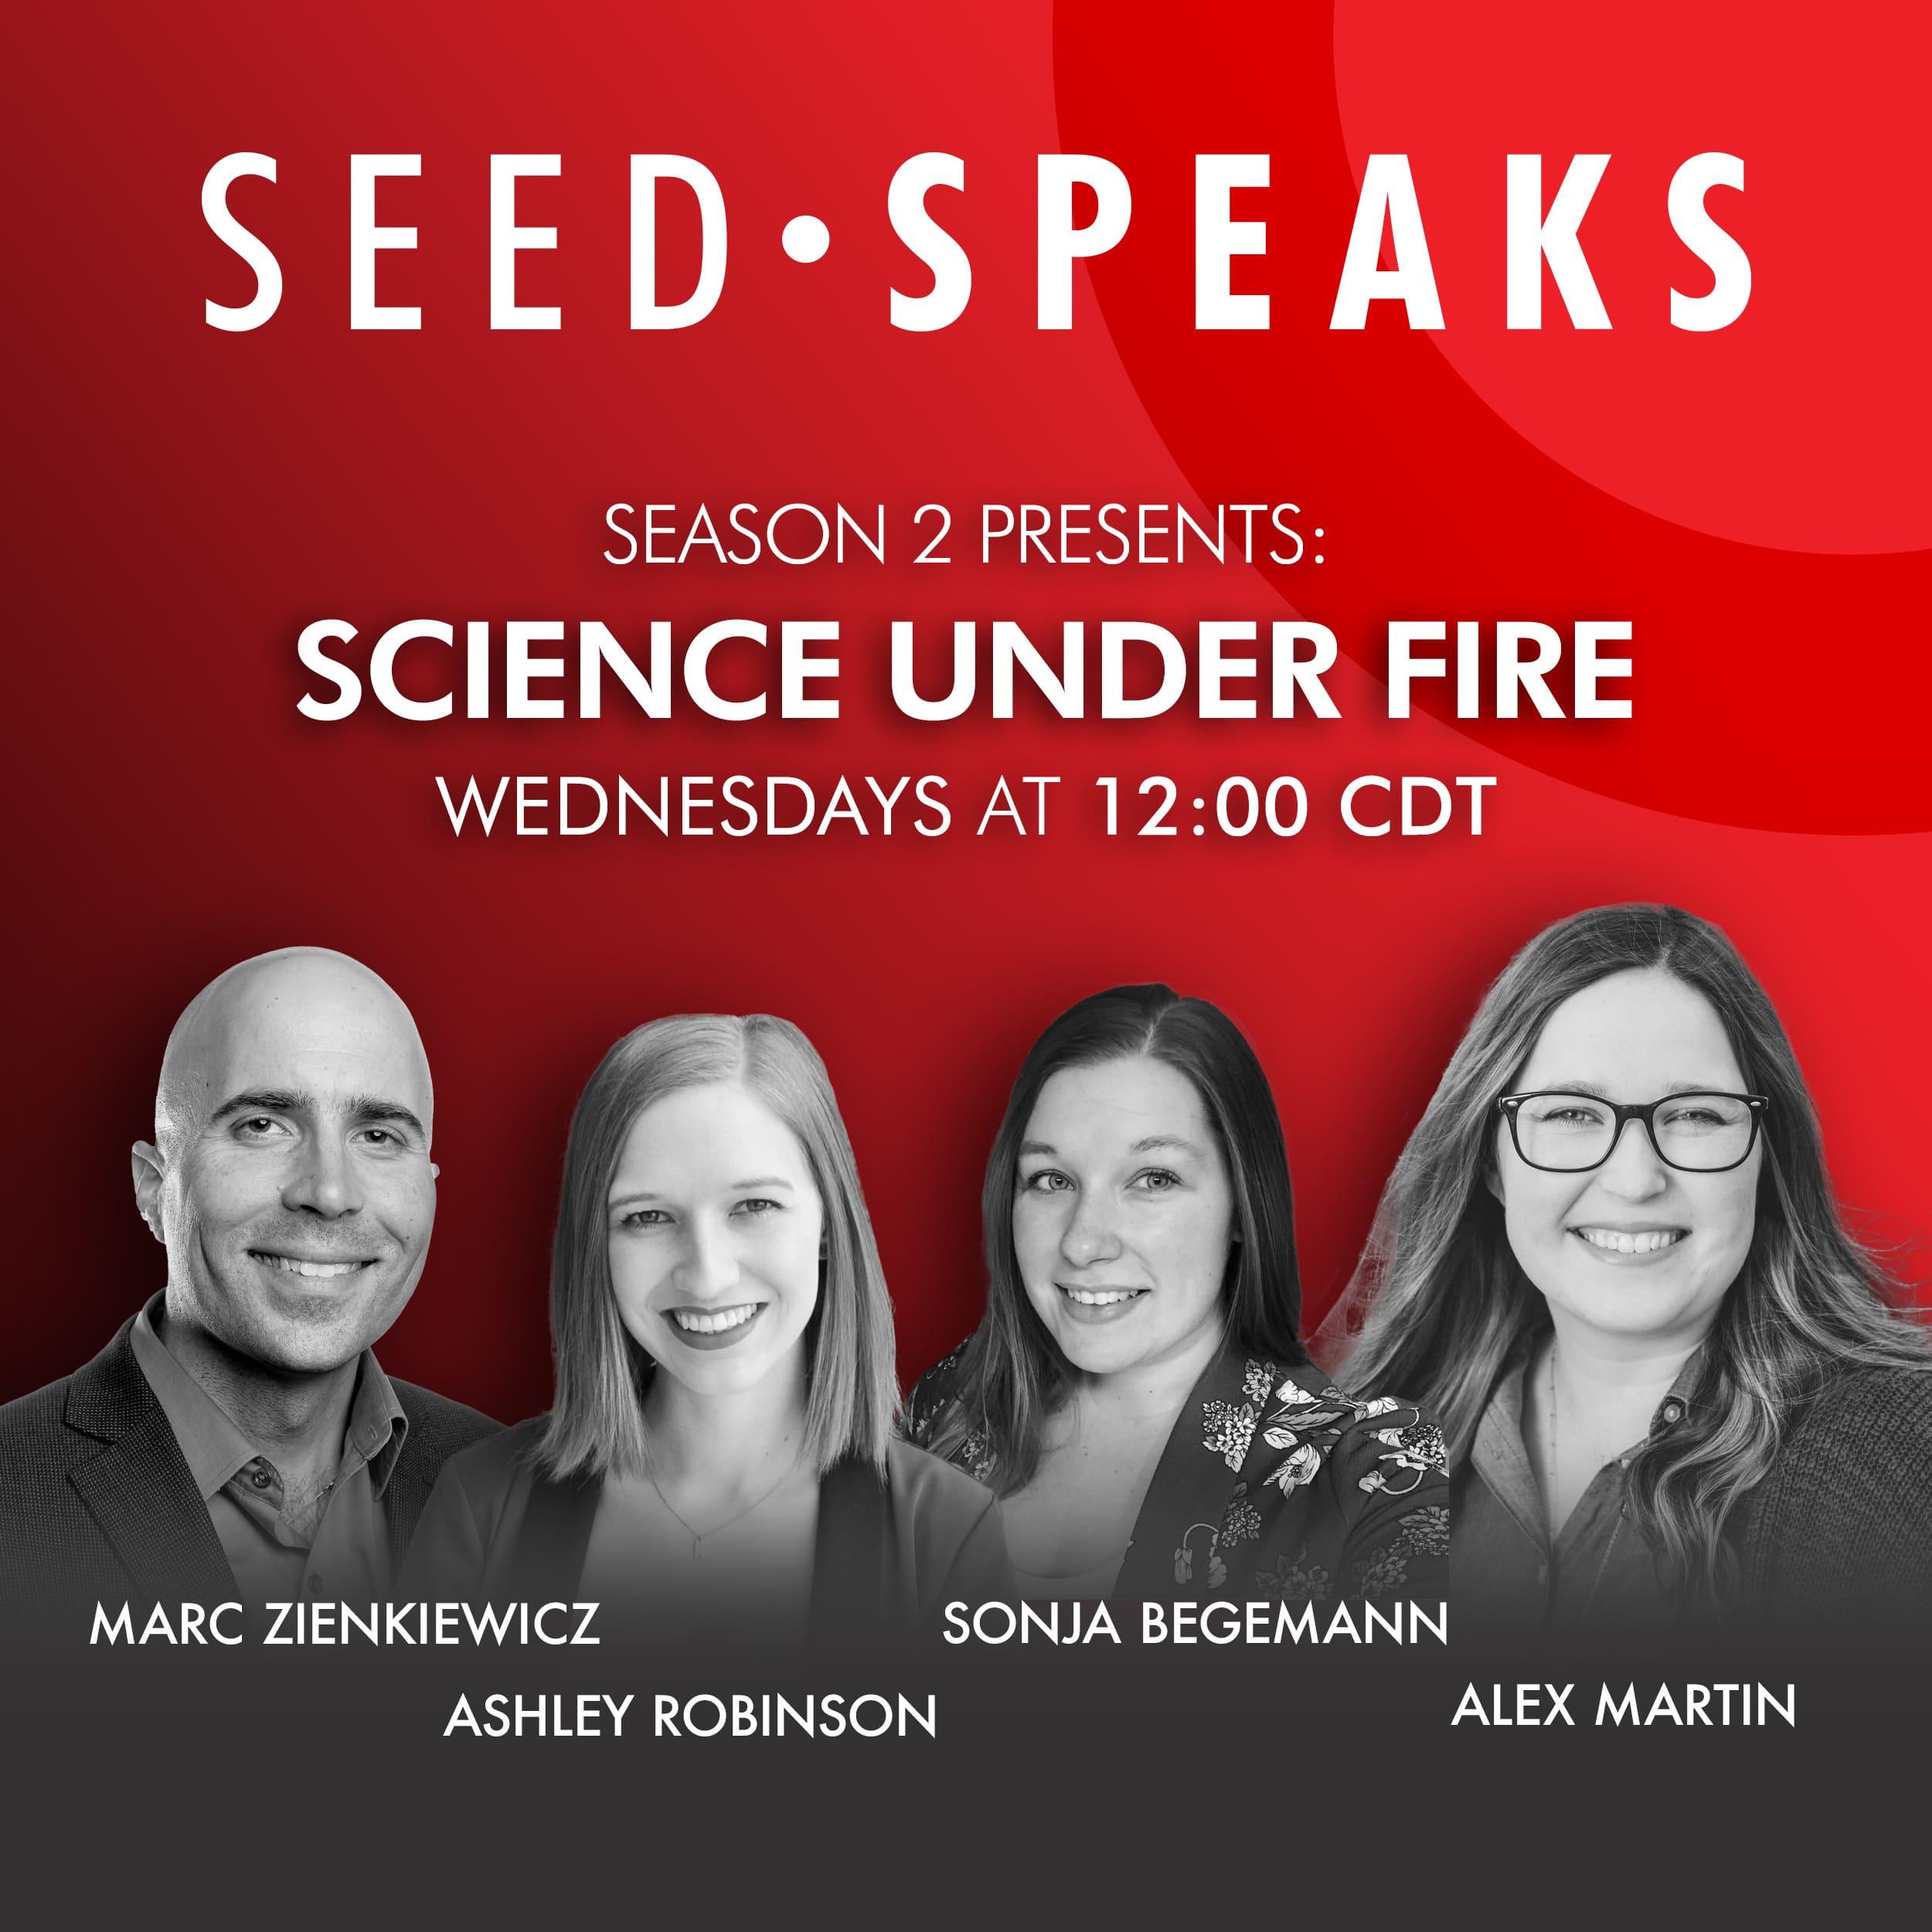 Seed Speaks season 2